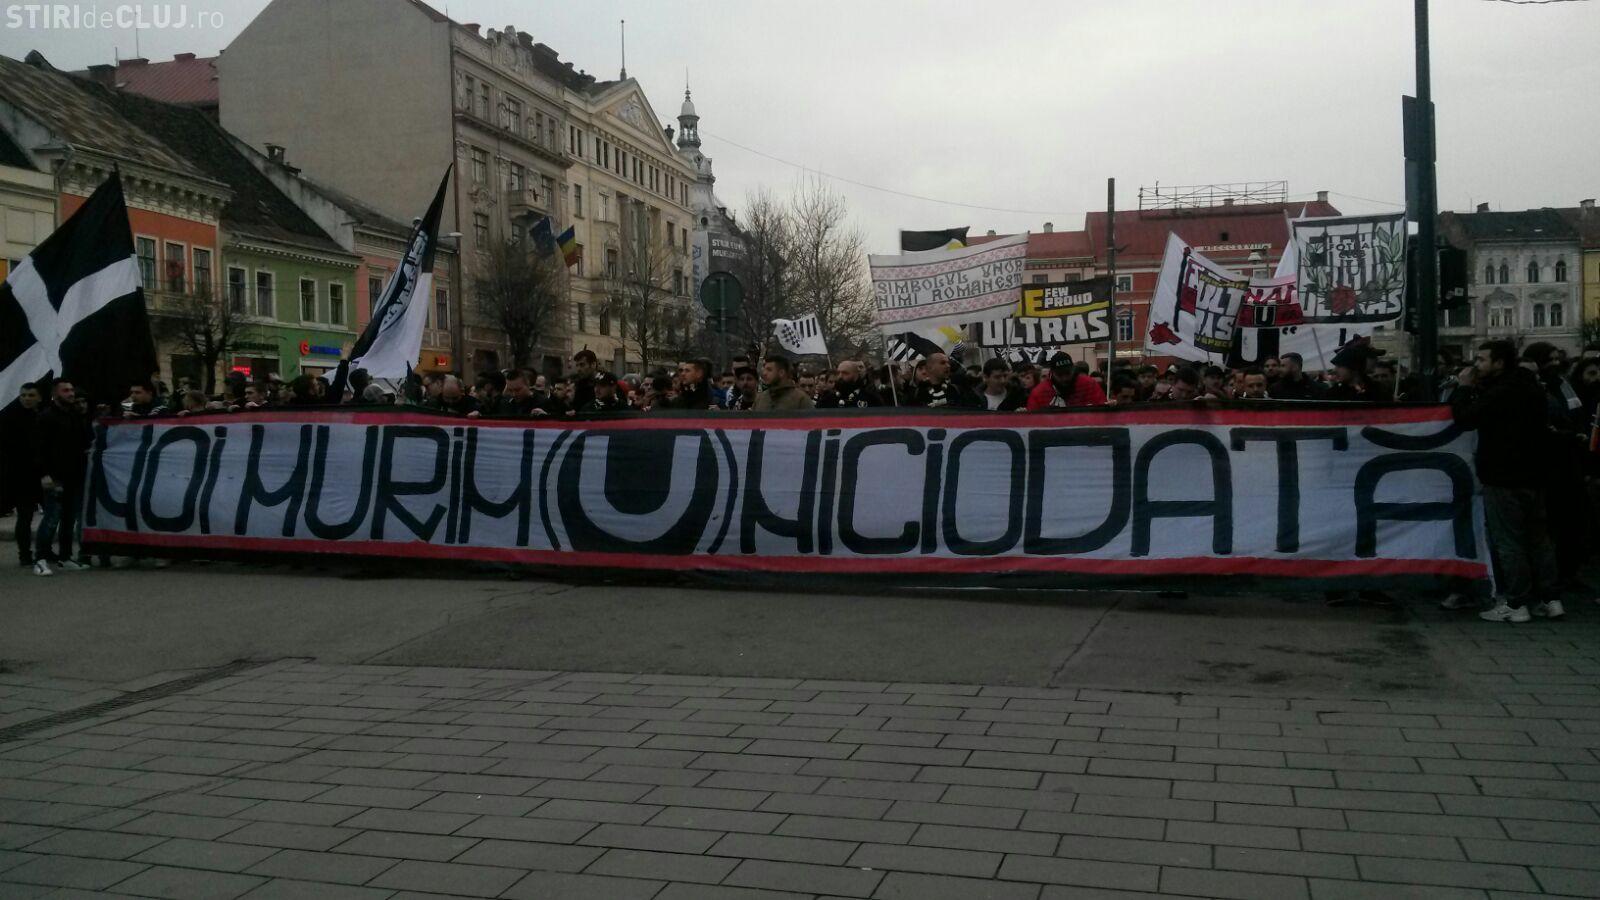 MARȘ U CLUJ de amploare! Scandări pline de emotii în centrul orașului la marșul alb negru - VIDEO